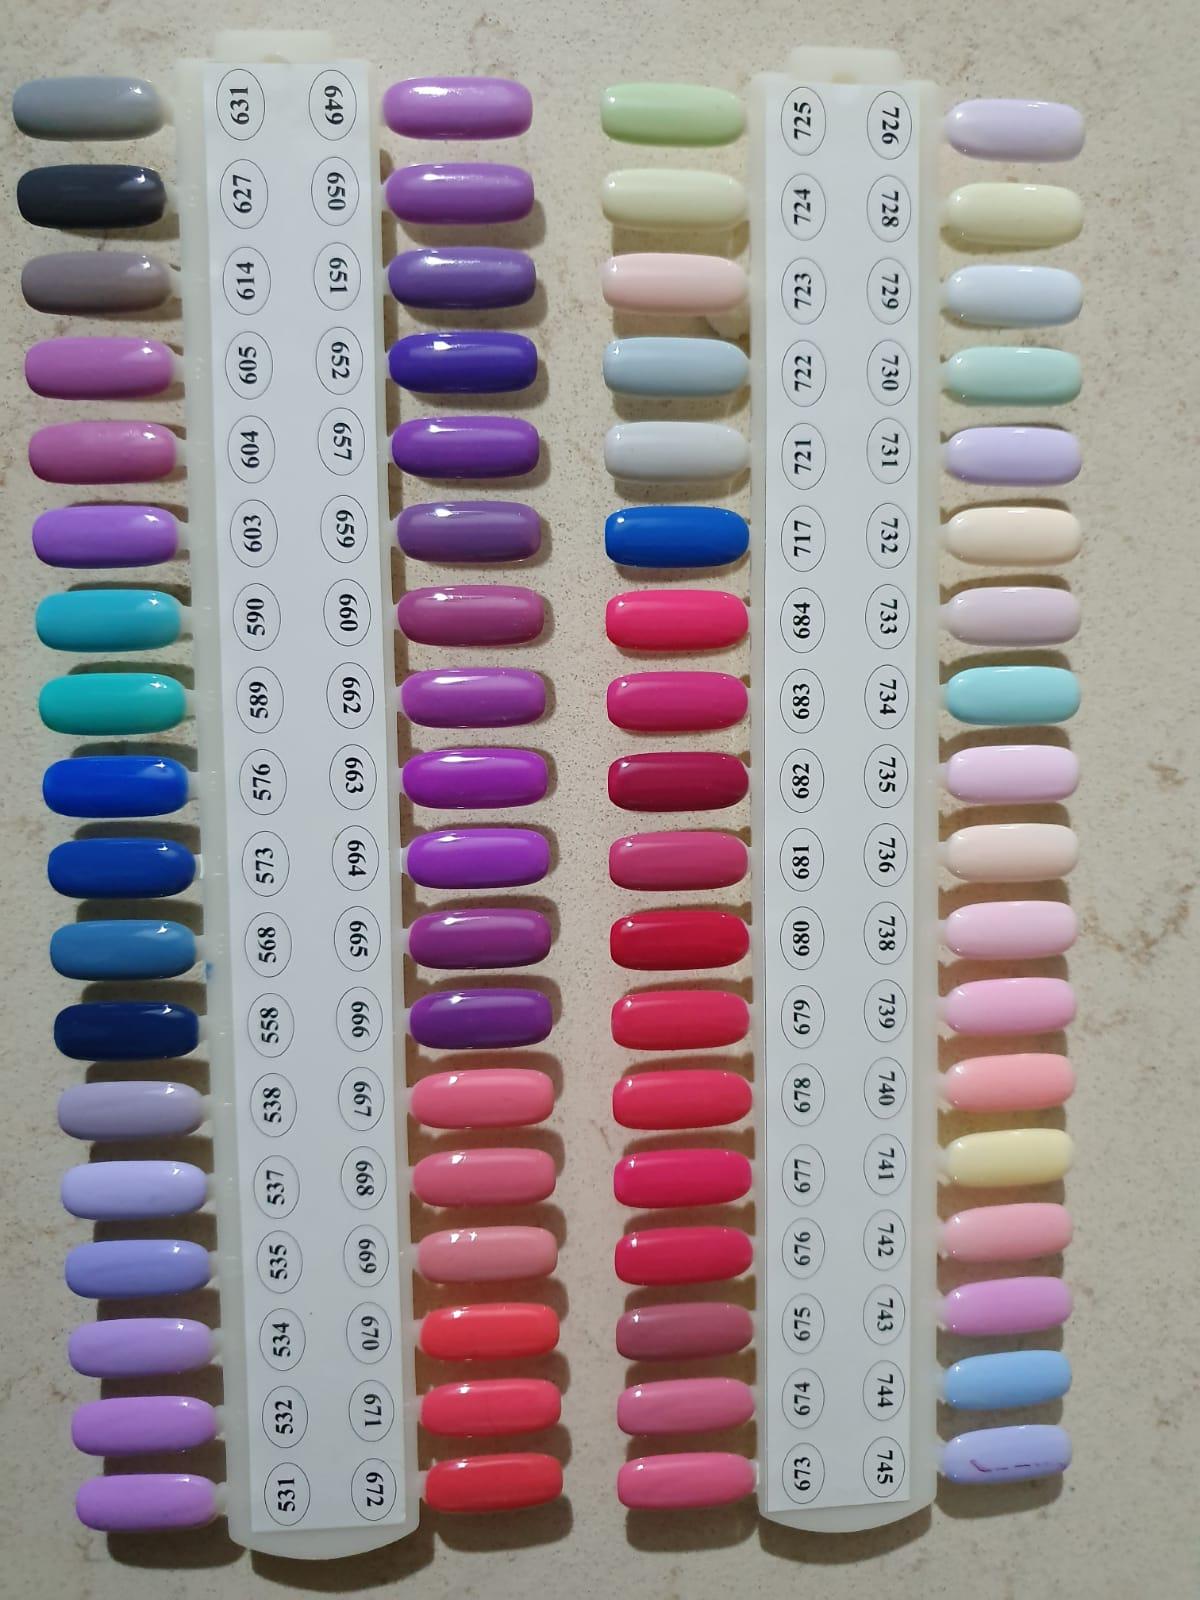 colori 217-288